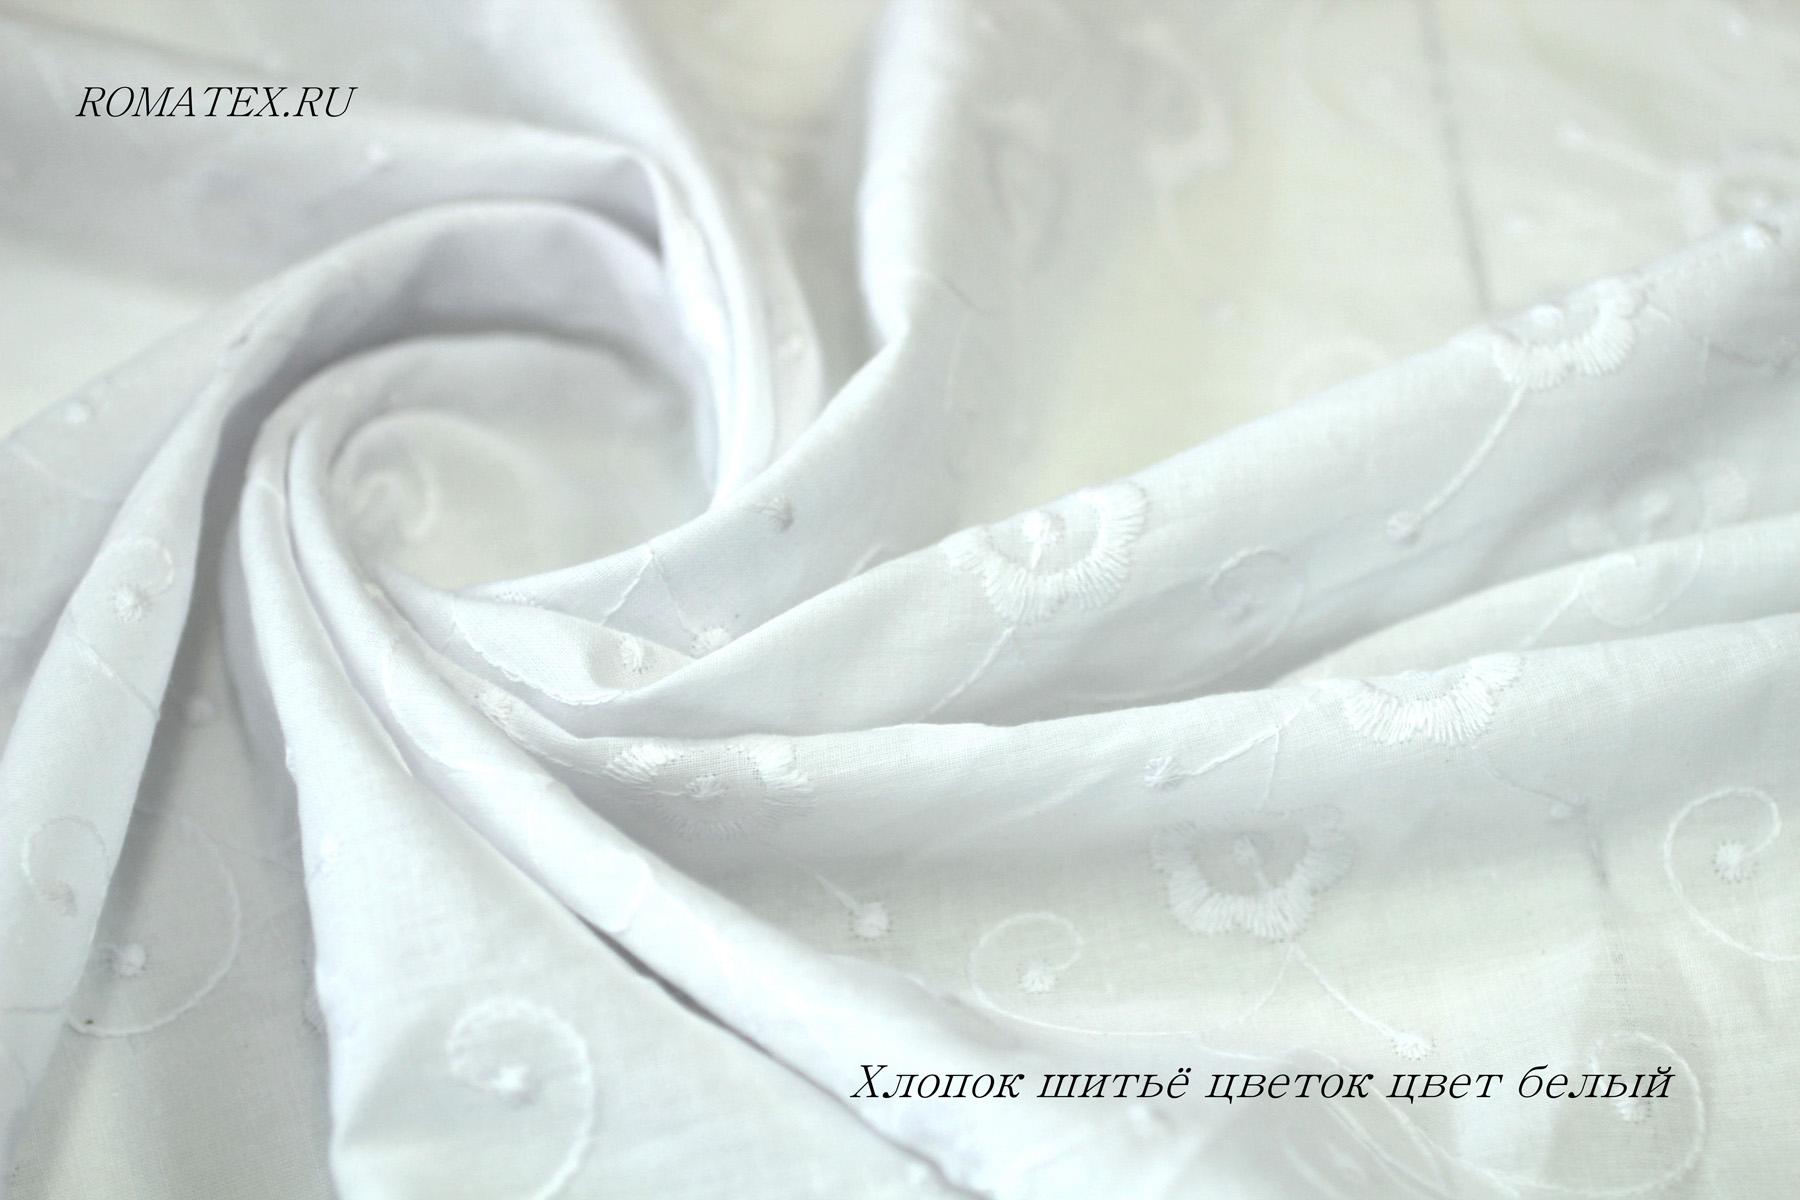 Хлопок шитьё цветок цвет белый